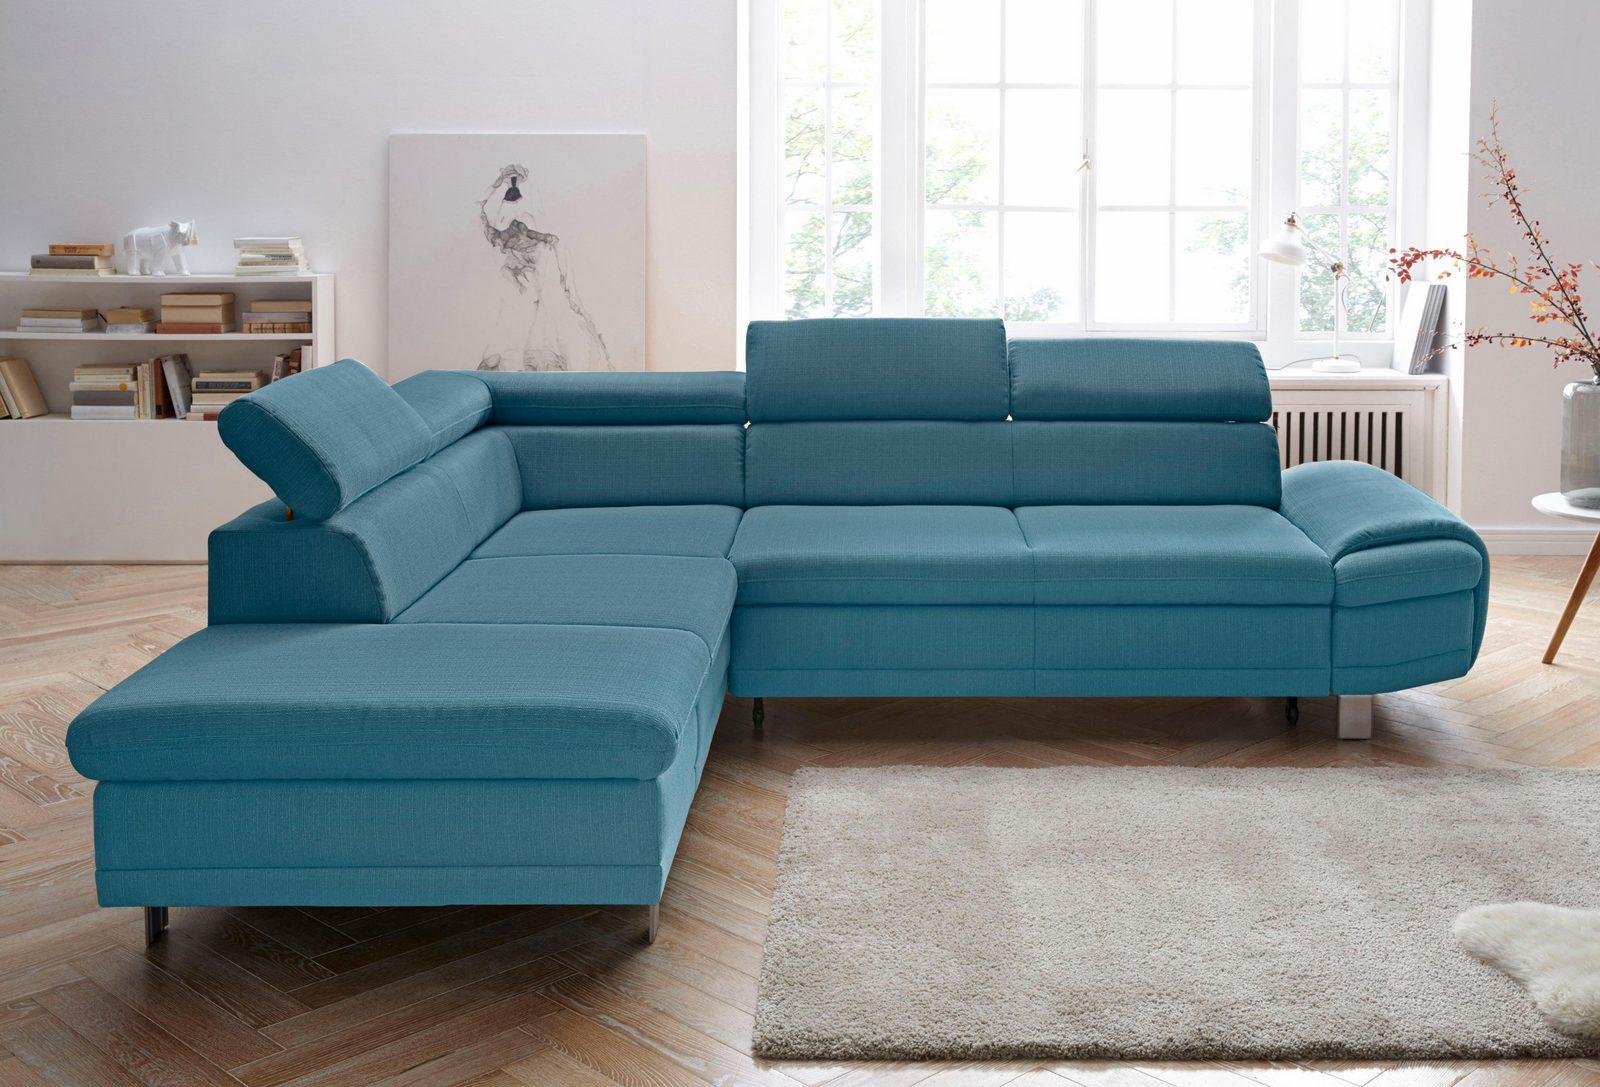 sit&more Polsterecke, wahlweise mit Bettfunktion und Bettkasten